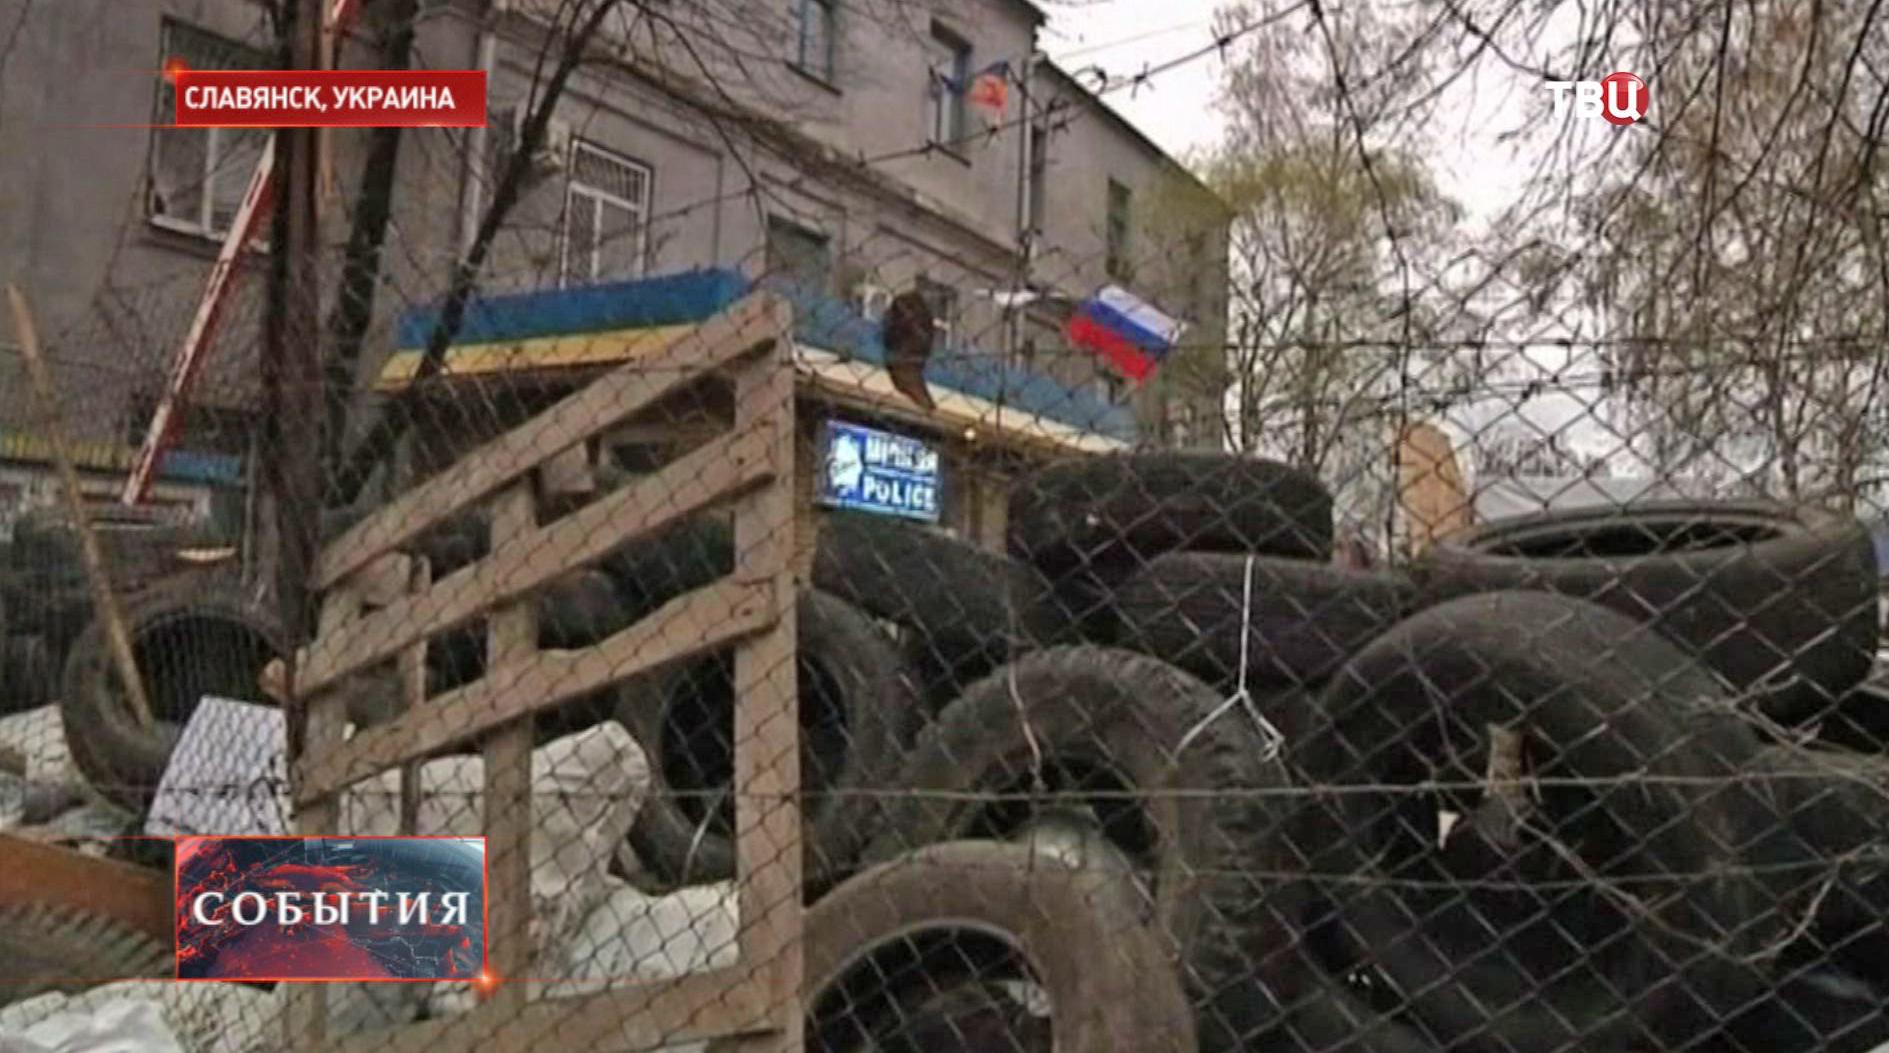 Баррикады у захваченного здания милиции в Славянске